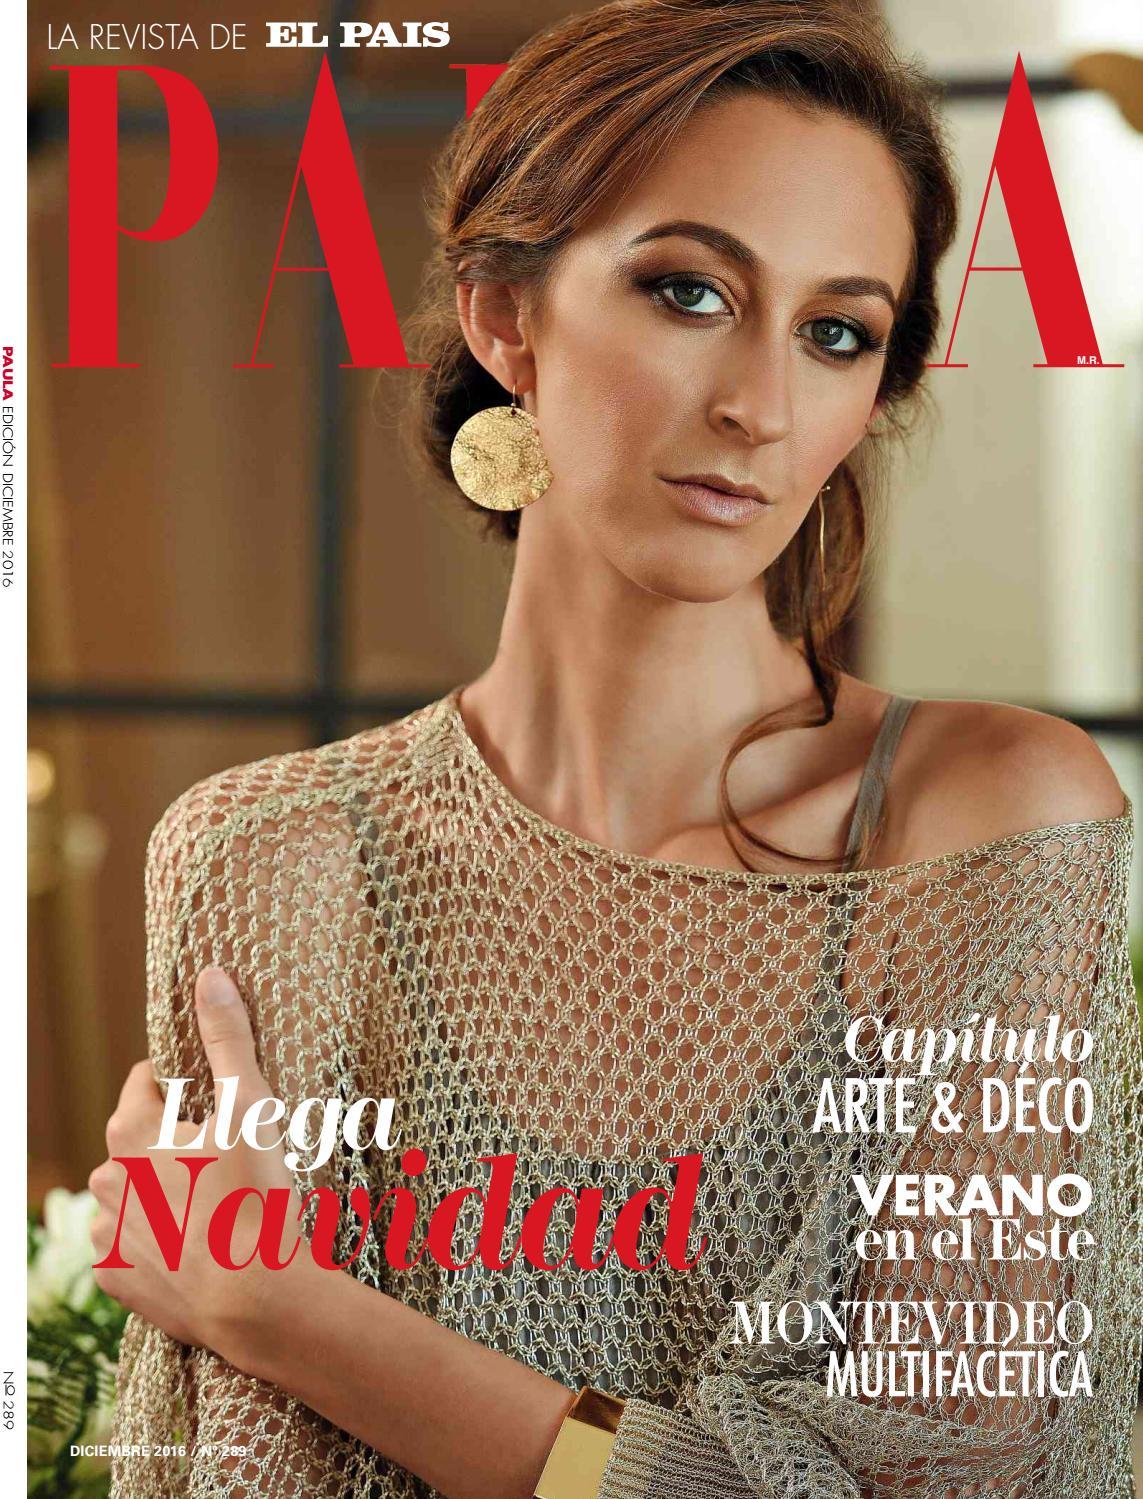 e4ba3bb76855 Revista Paula Diciembre 2016 by Revista Paula - issuu